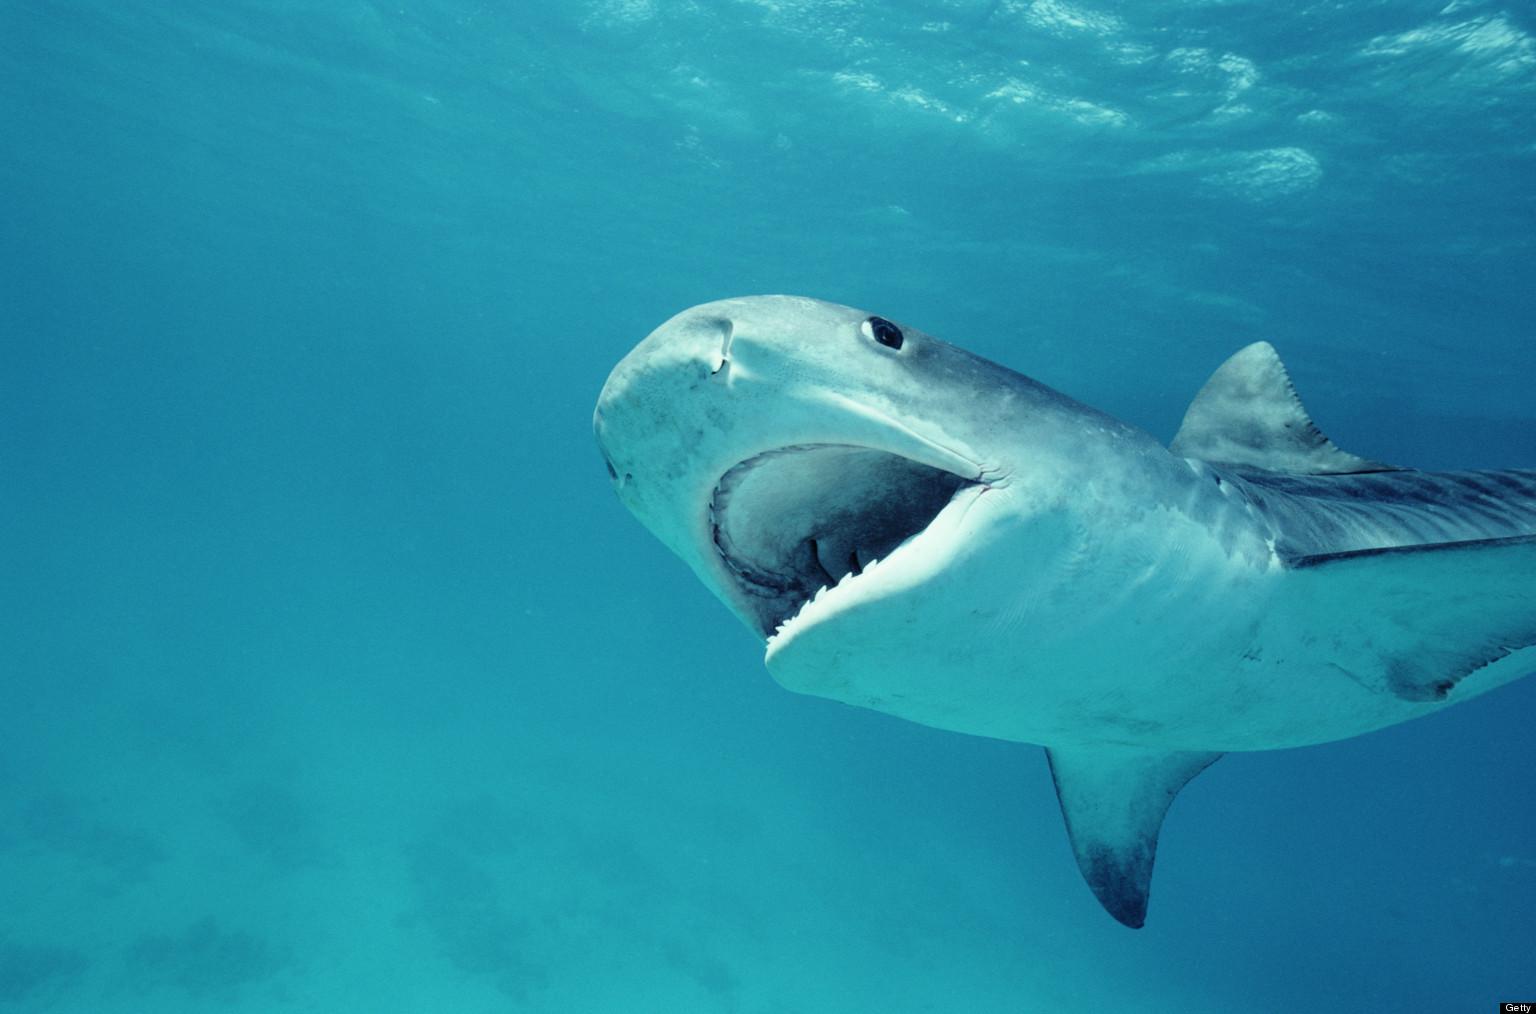 SHARK-ATTACKS-AT-SURFSIDE-facebook.jpg